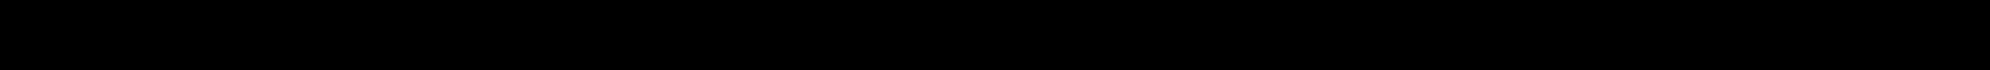 1-溴二十二烷 1-Bromodocosane